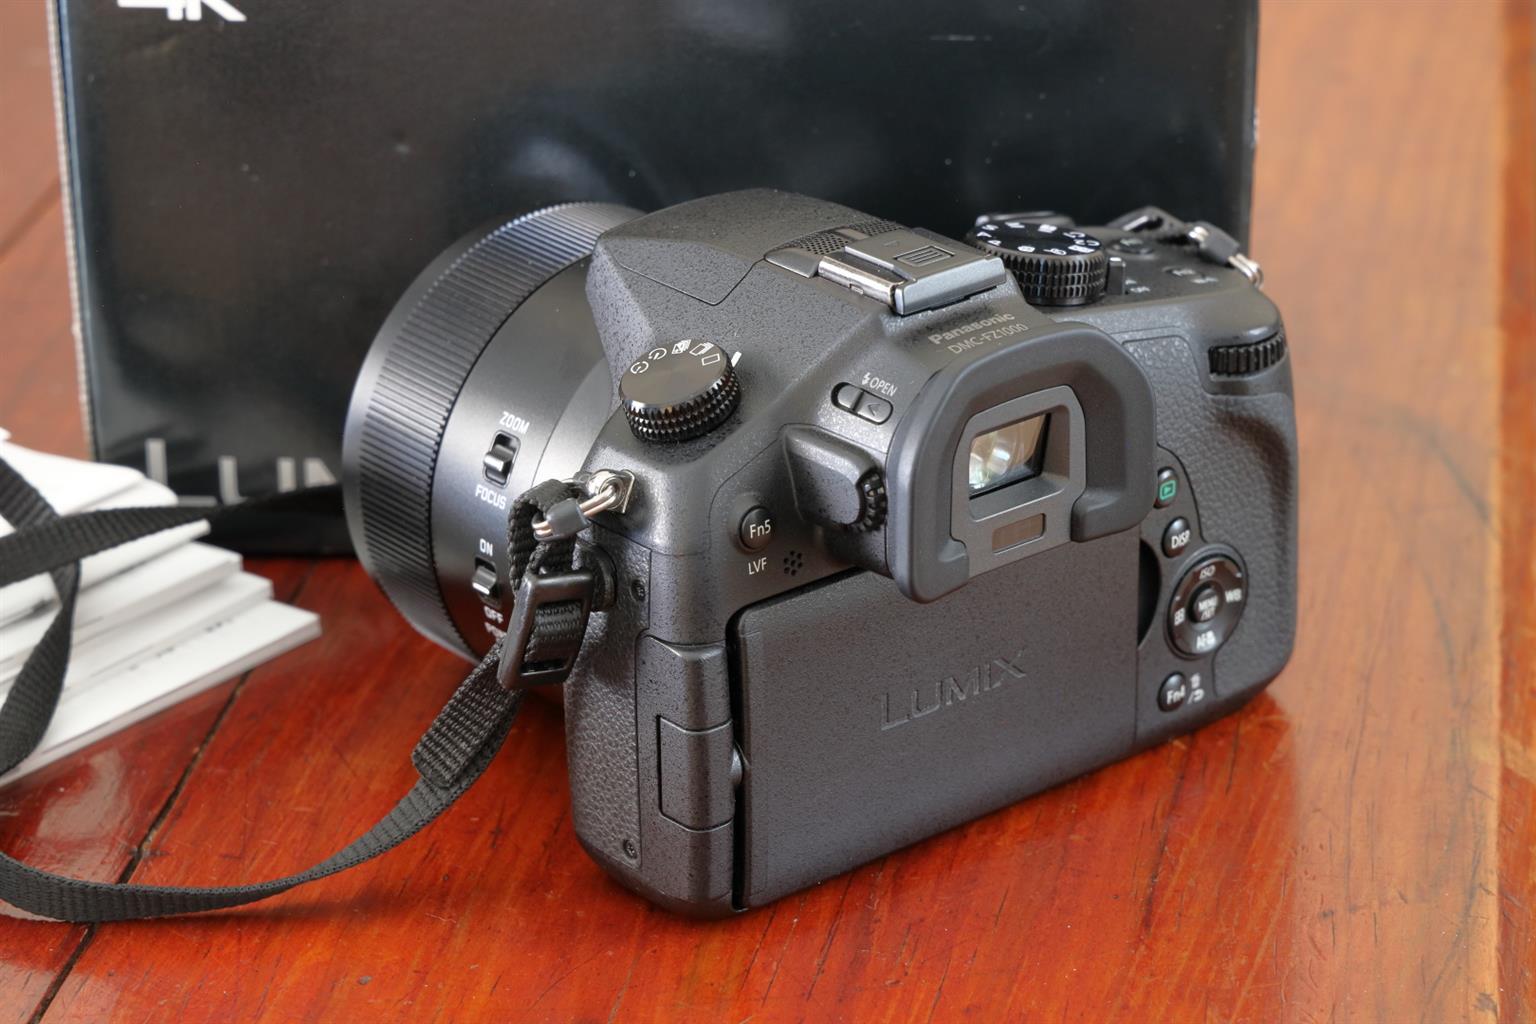 Panasonic Lumix DMC-FZ1000 (As new) with extras